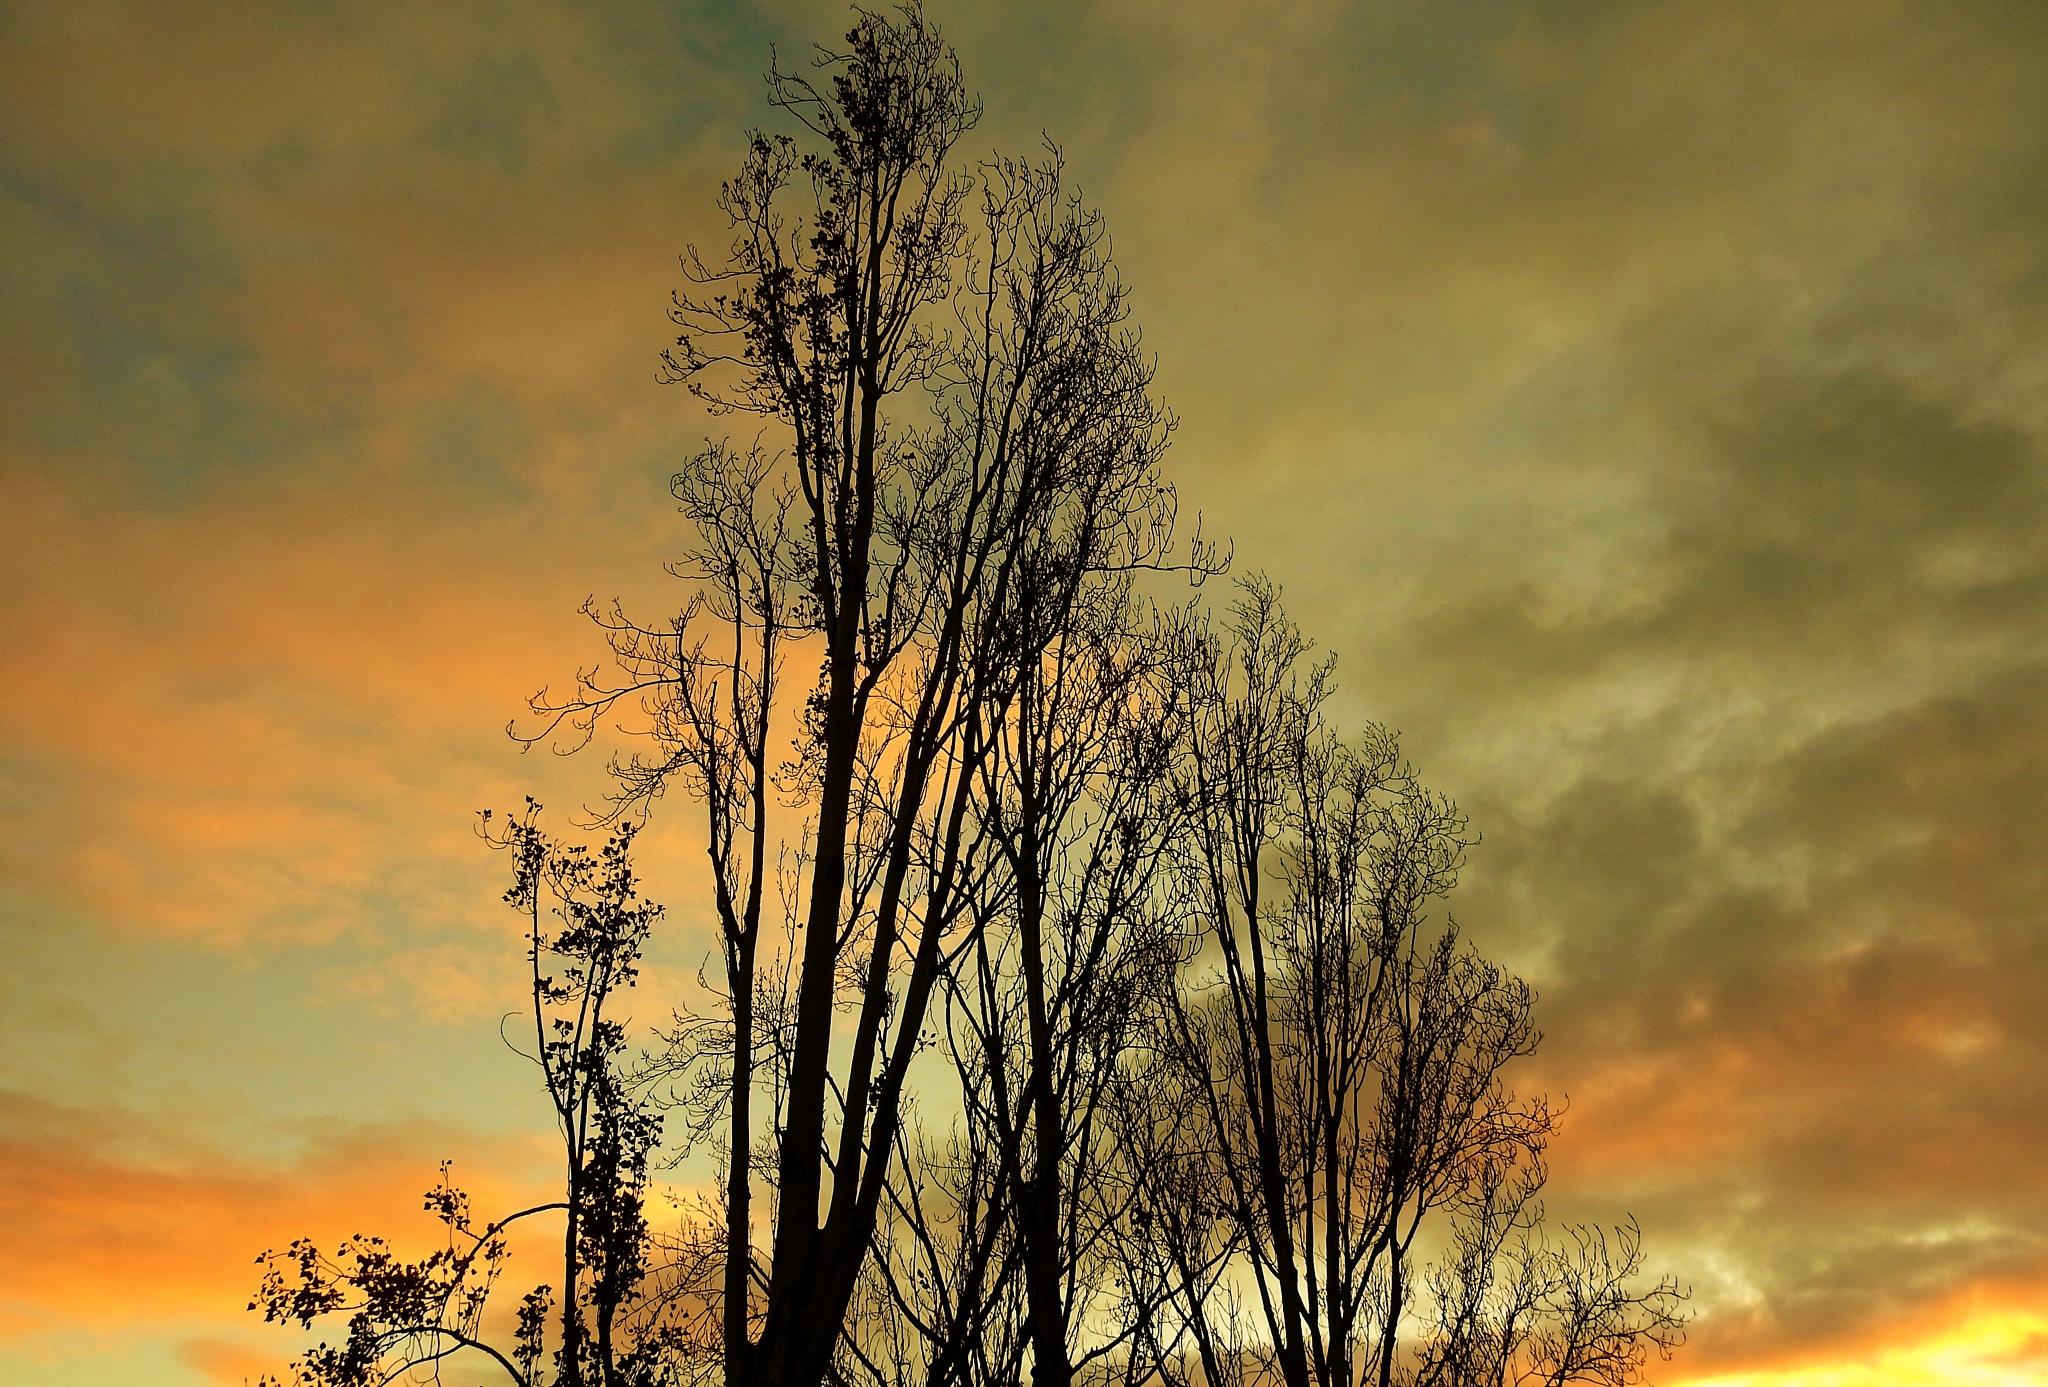 Sundown on Autumn by Gerard Francis Corbett